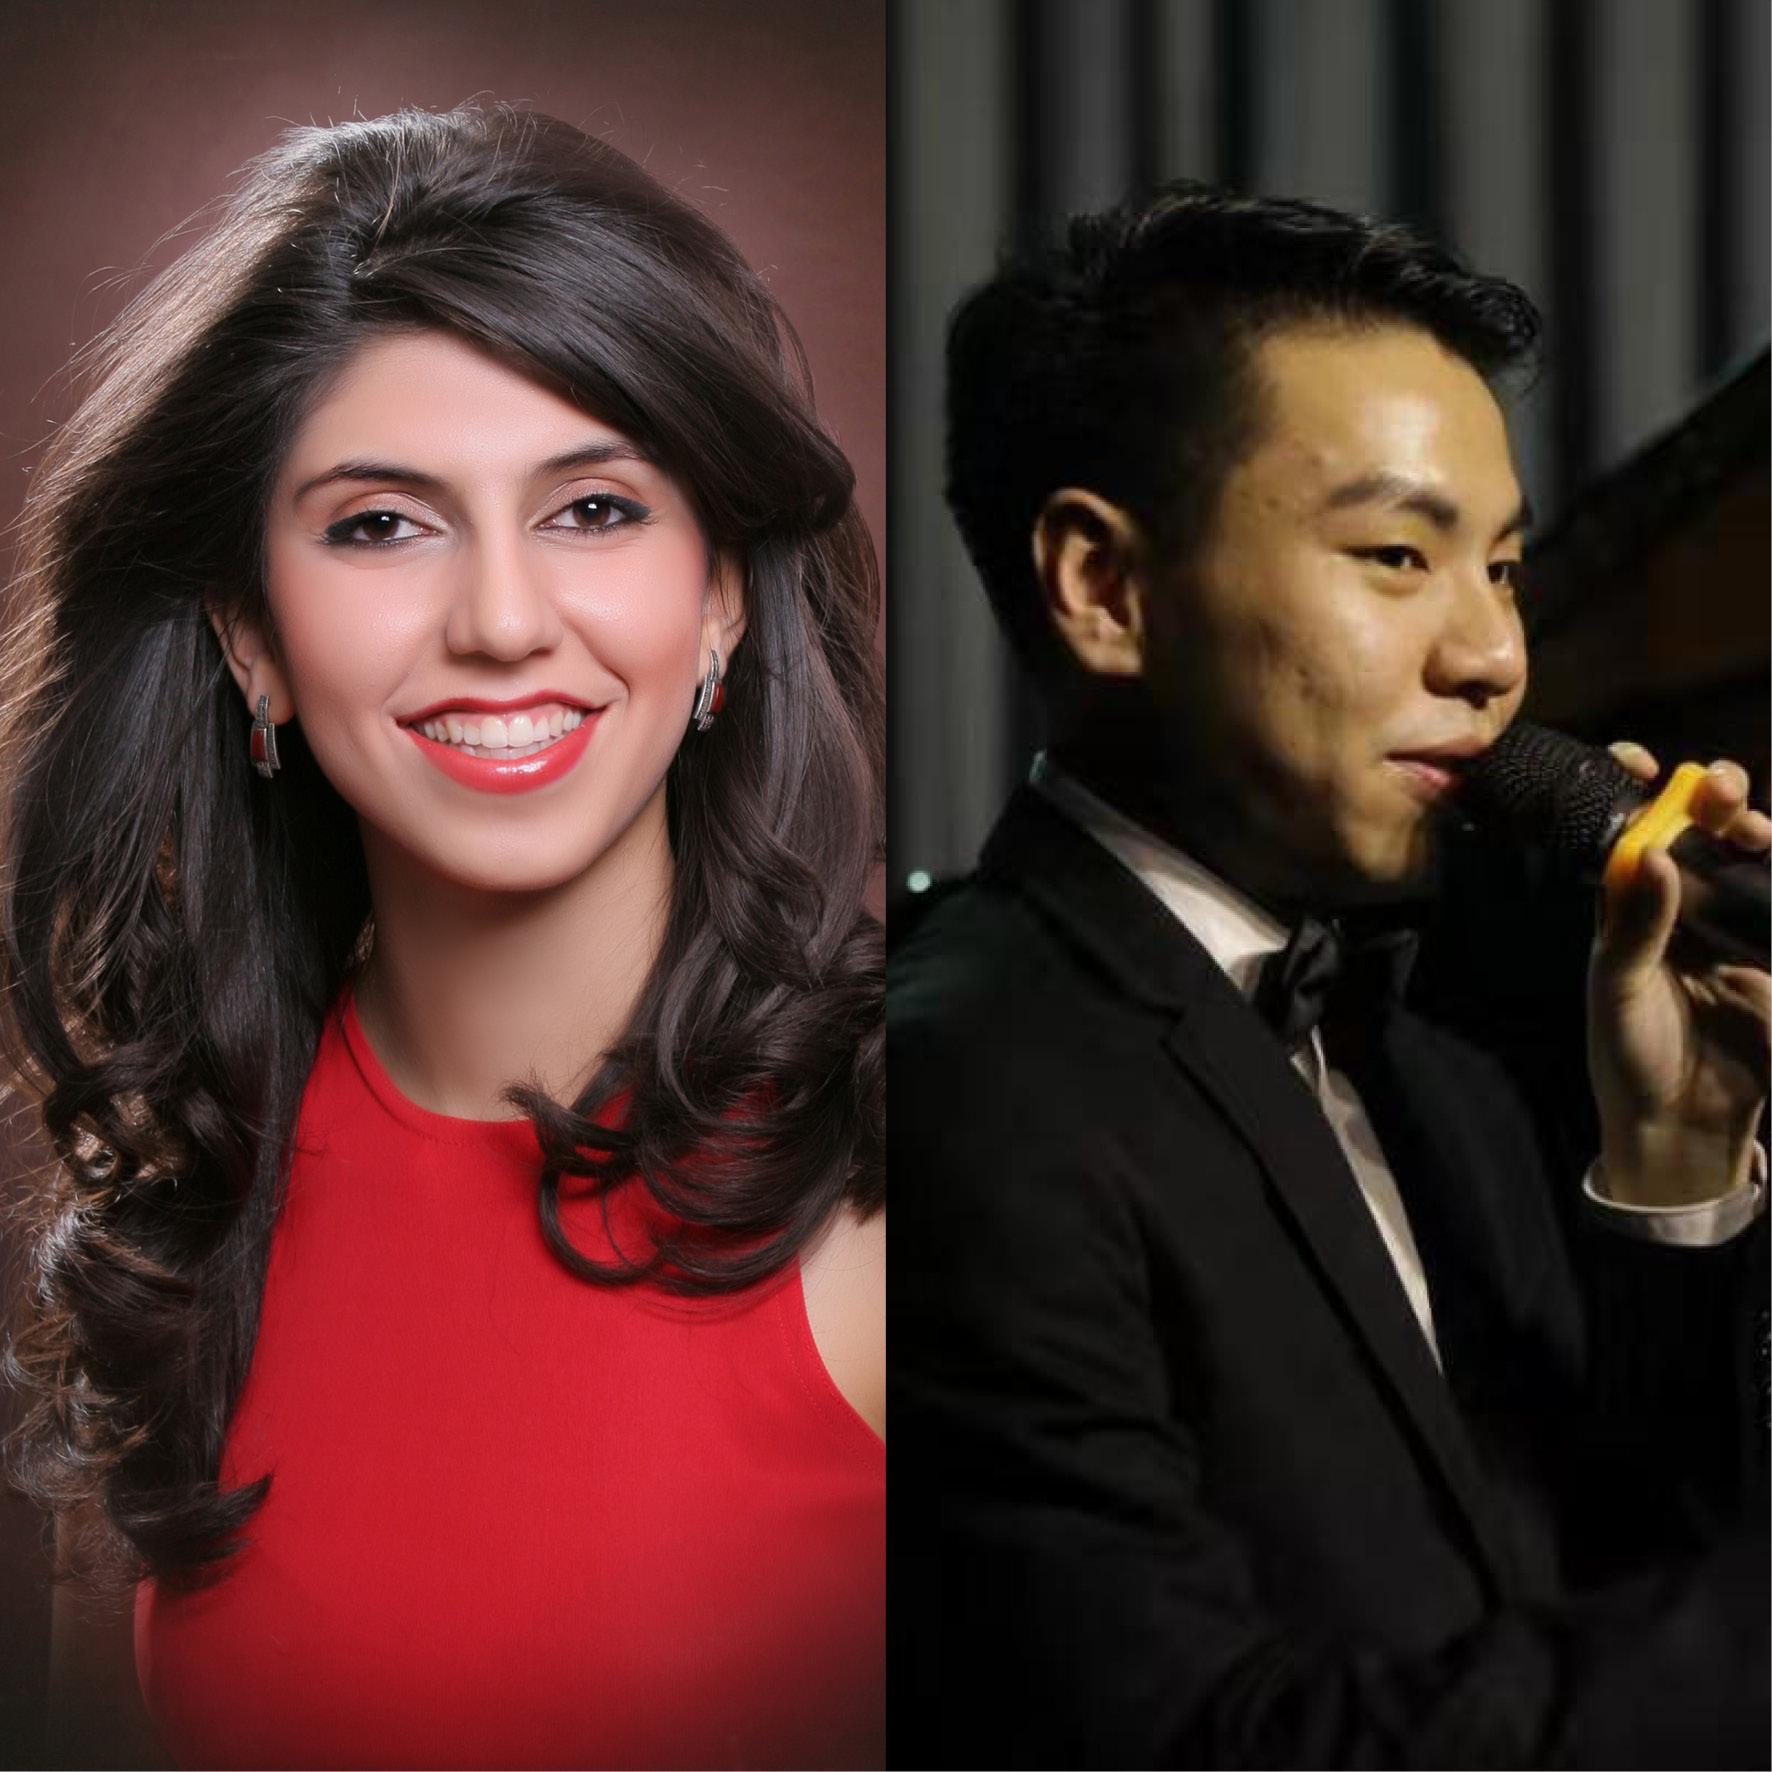 Duo 18: Ghazal Kazemi / Fangqixiong Yuan